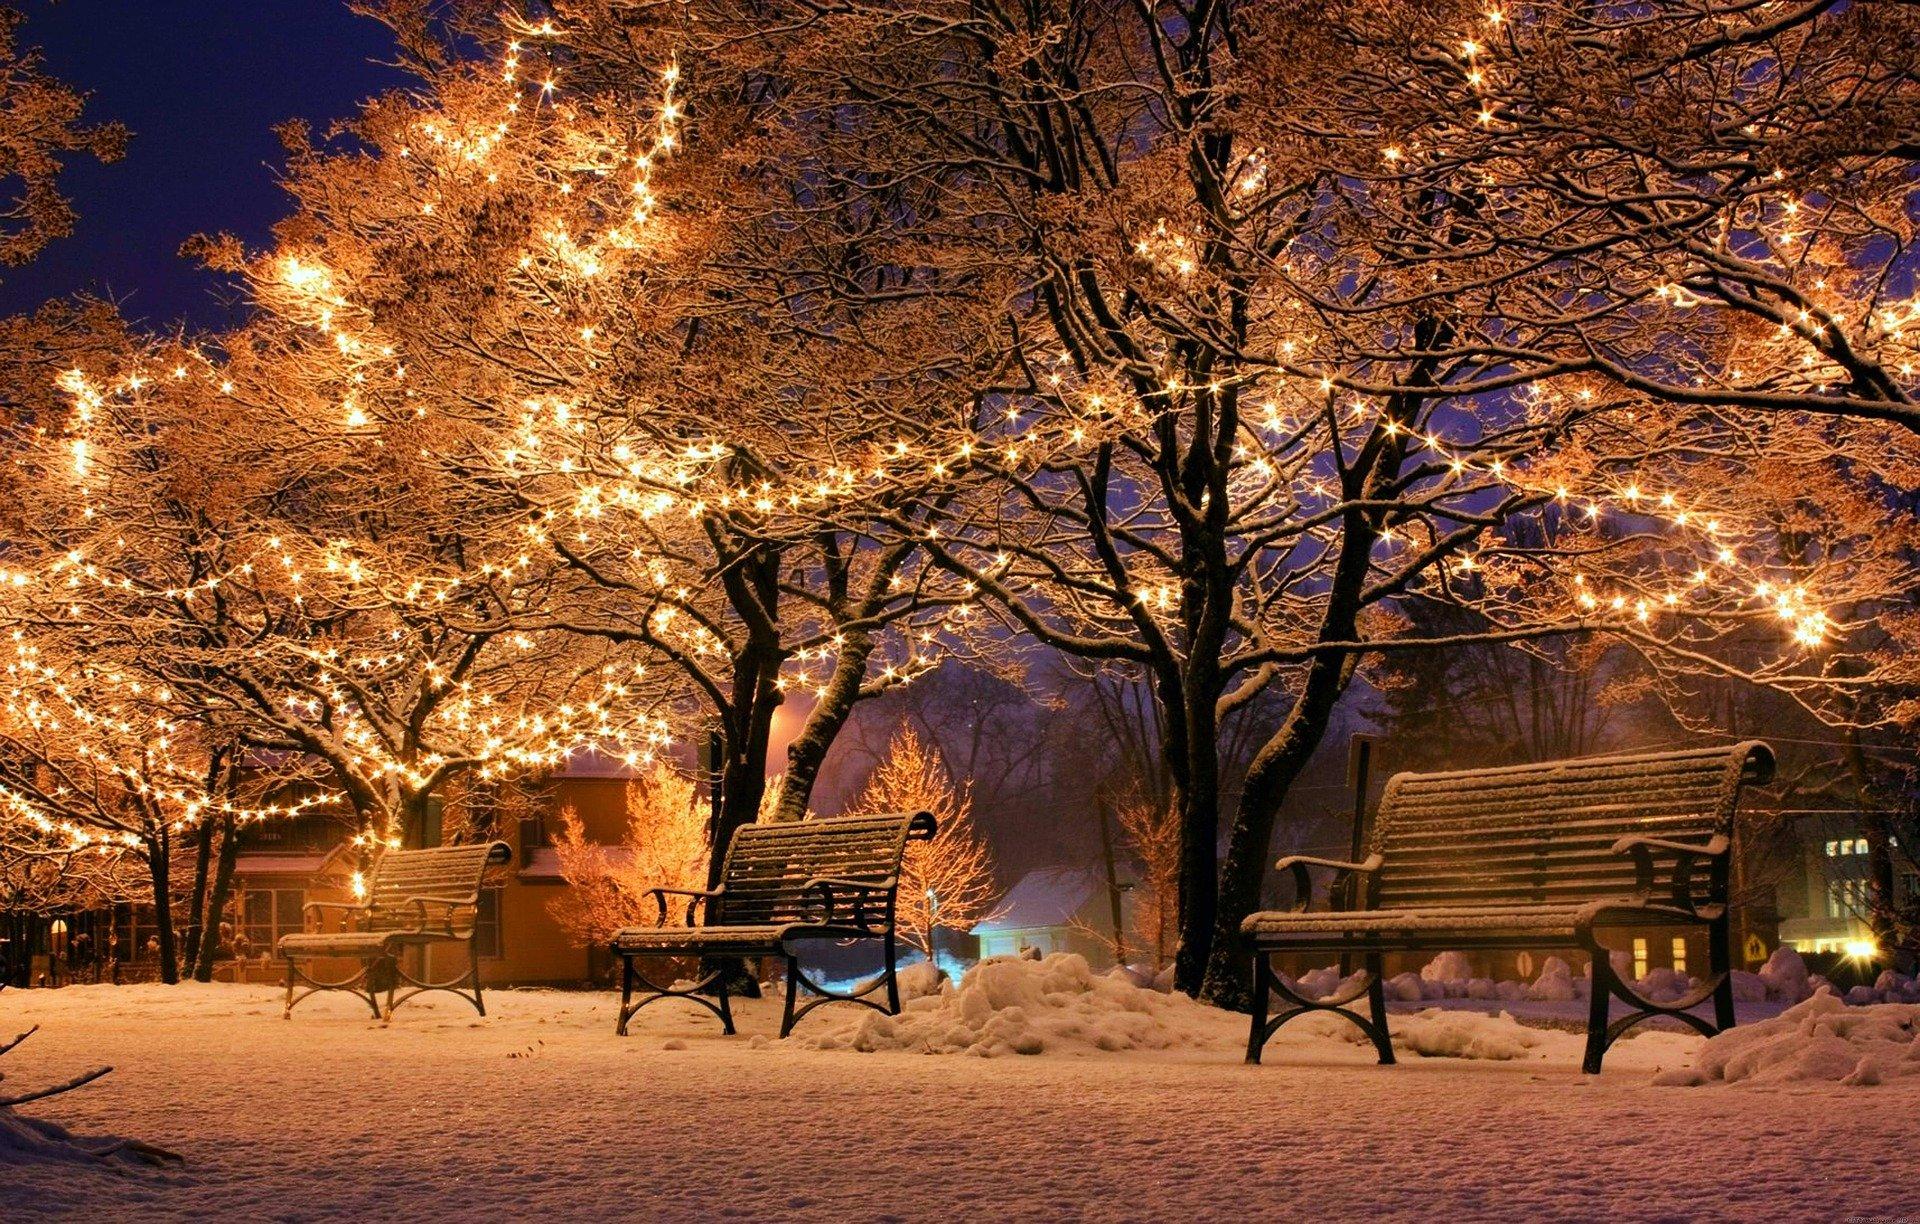 Vremea de Crăciun și Revelion 2020. ANM: Temperauri mai ridicate